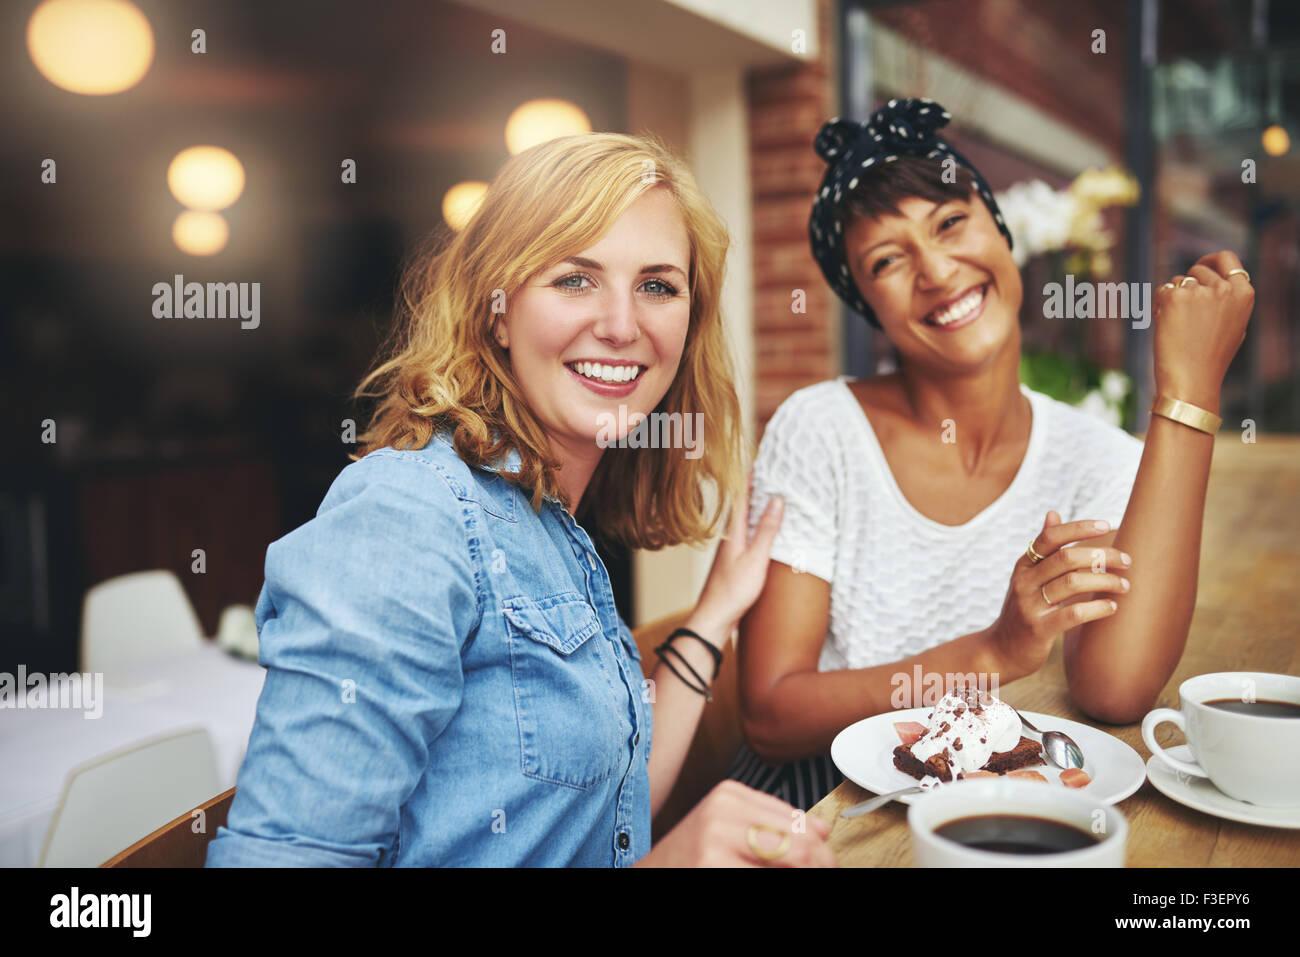 Zwei attraktiven jungen multiethnischen weibliche Freunde genießen Sie Kaffee und Kuchen in der Cafeteria glücklich Stockbild